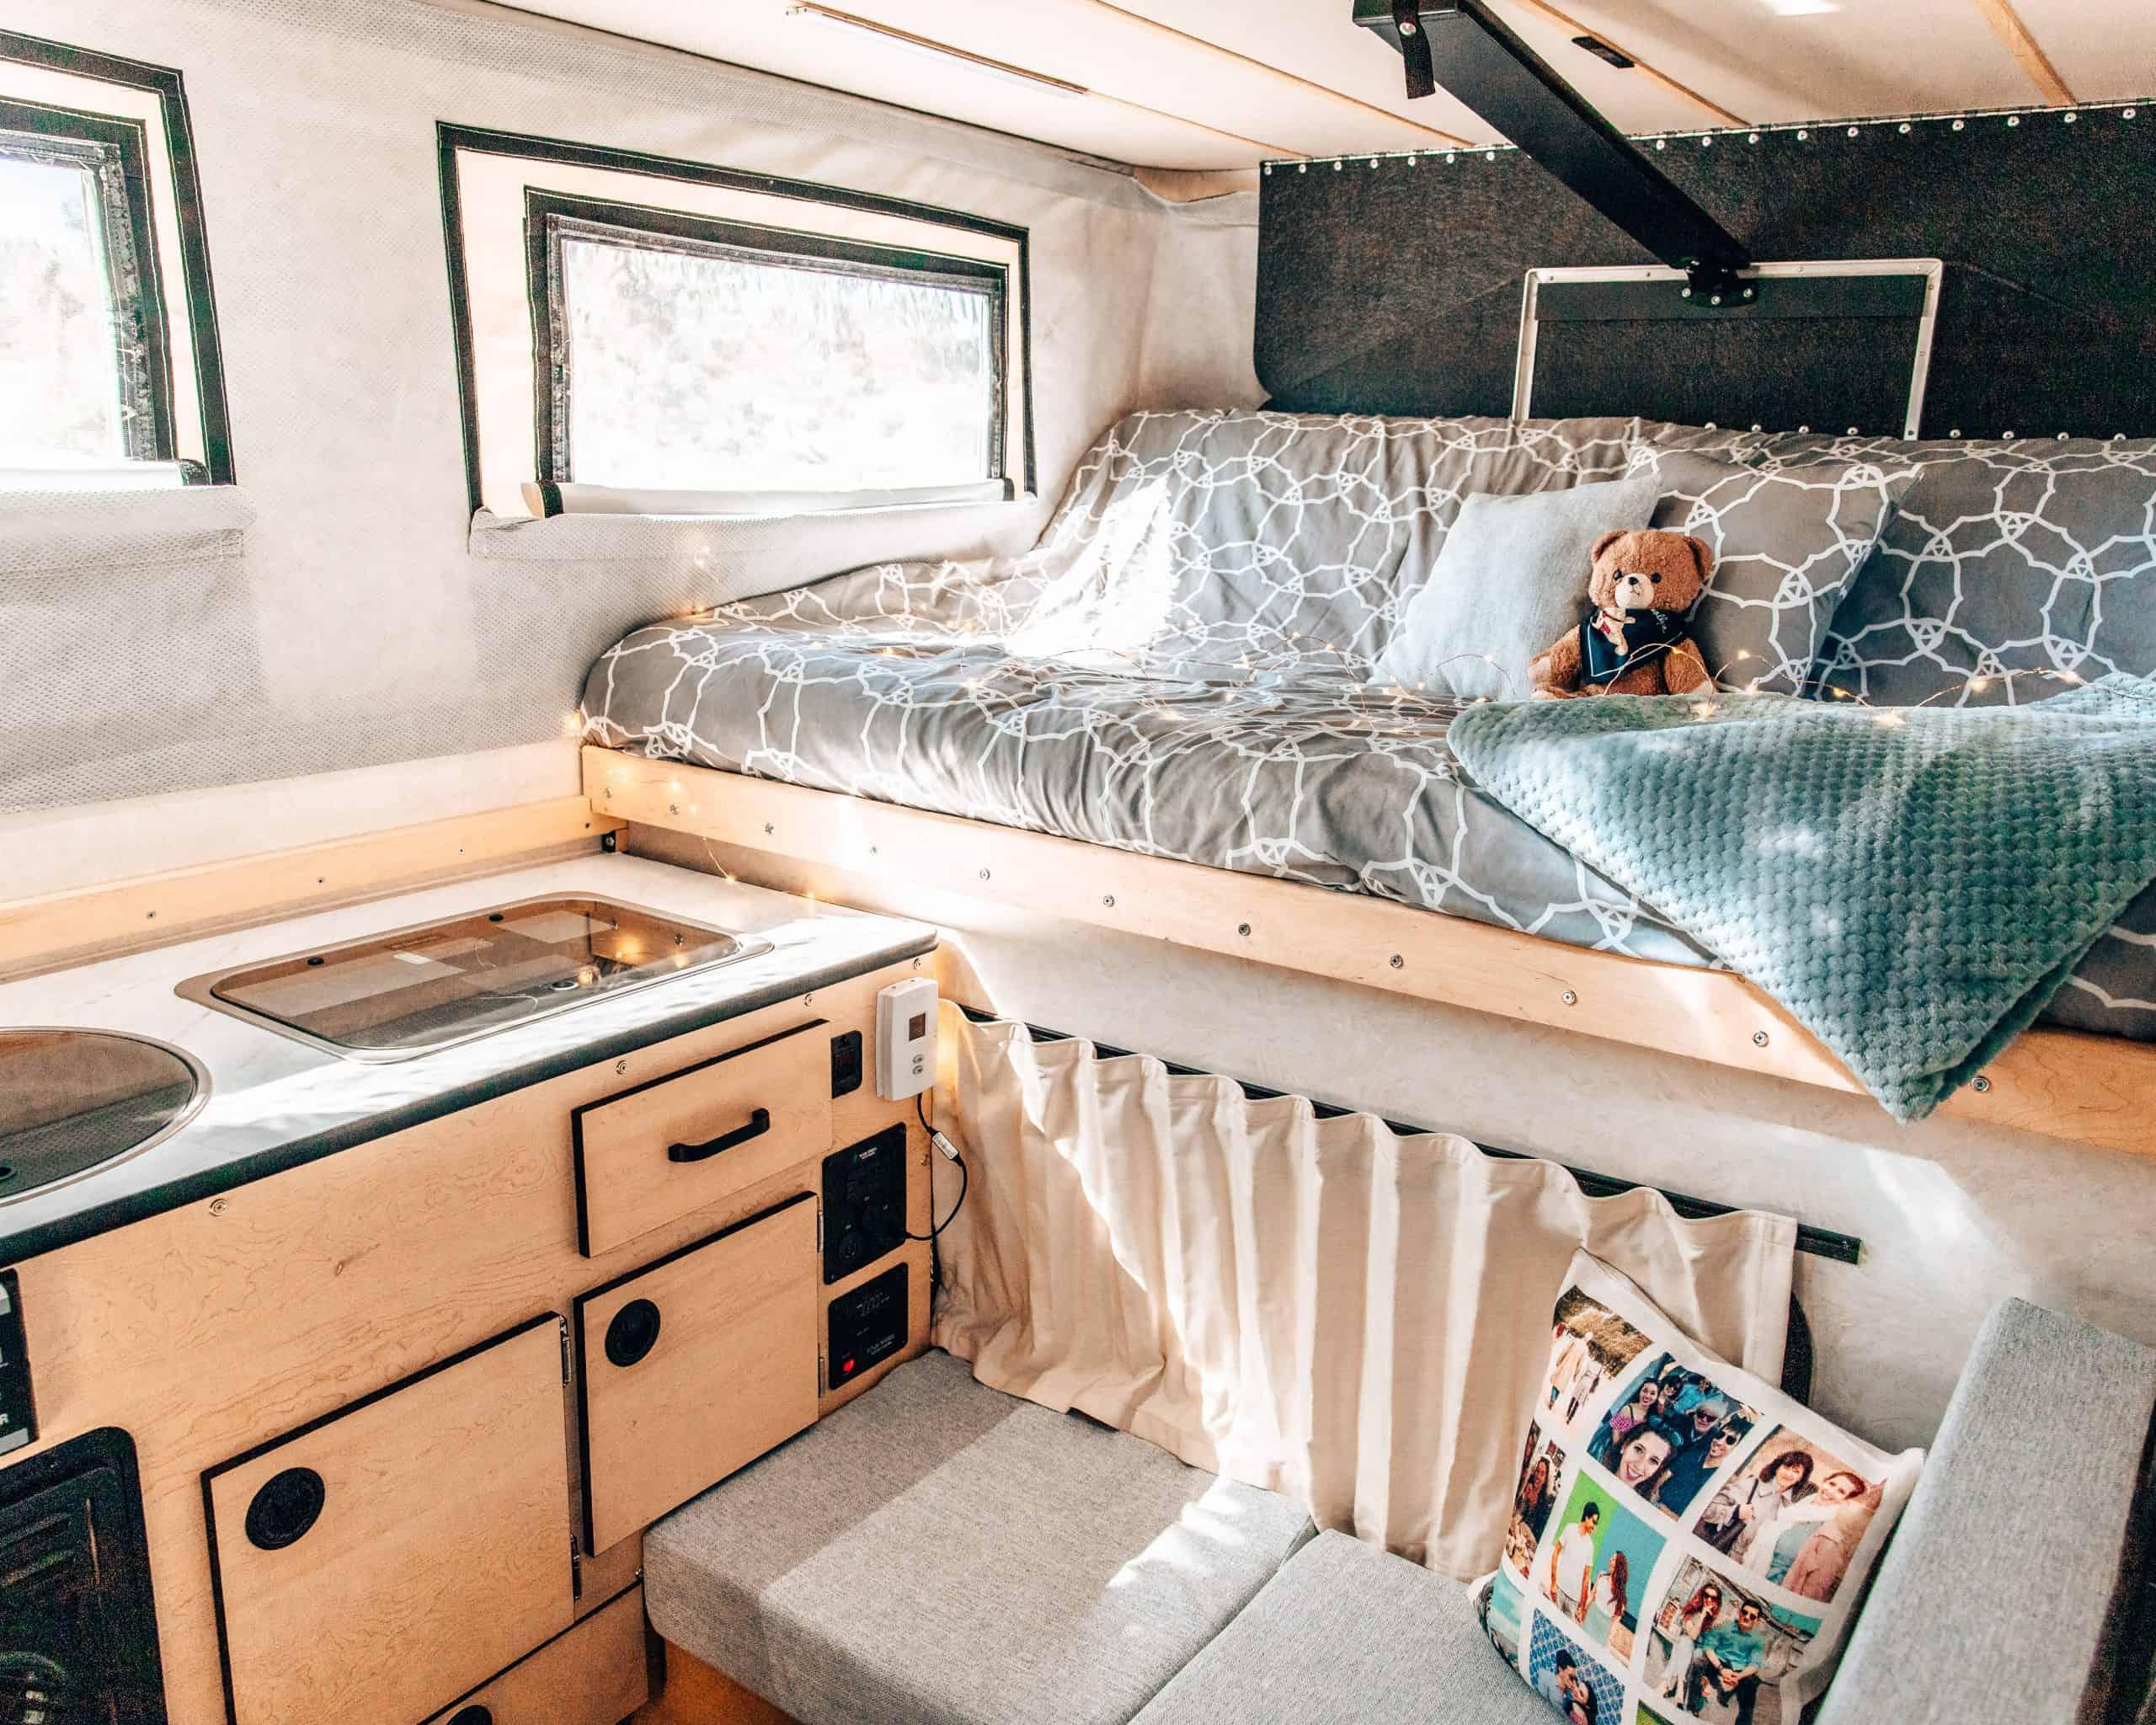 Living in a Camper - Four Wheel Camper Swift Interior